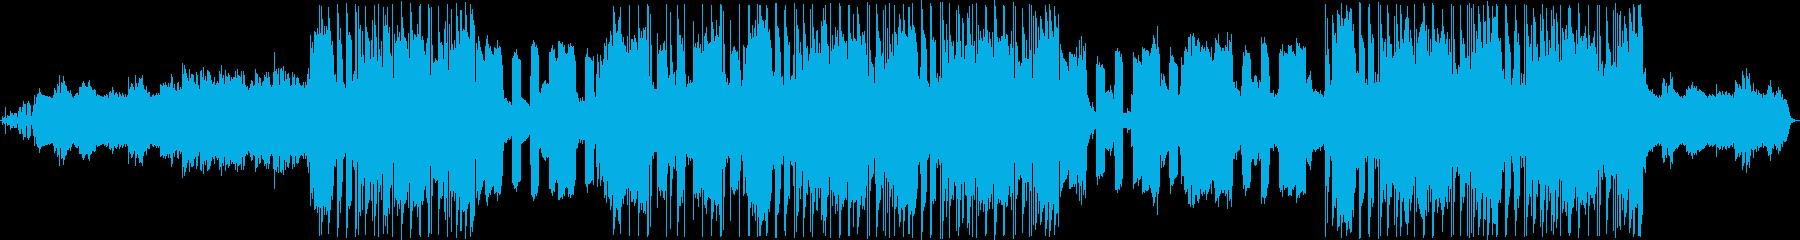 チルアウトでおしゃれなR&B系BGMの再生済みの波形